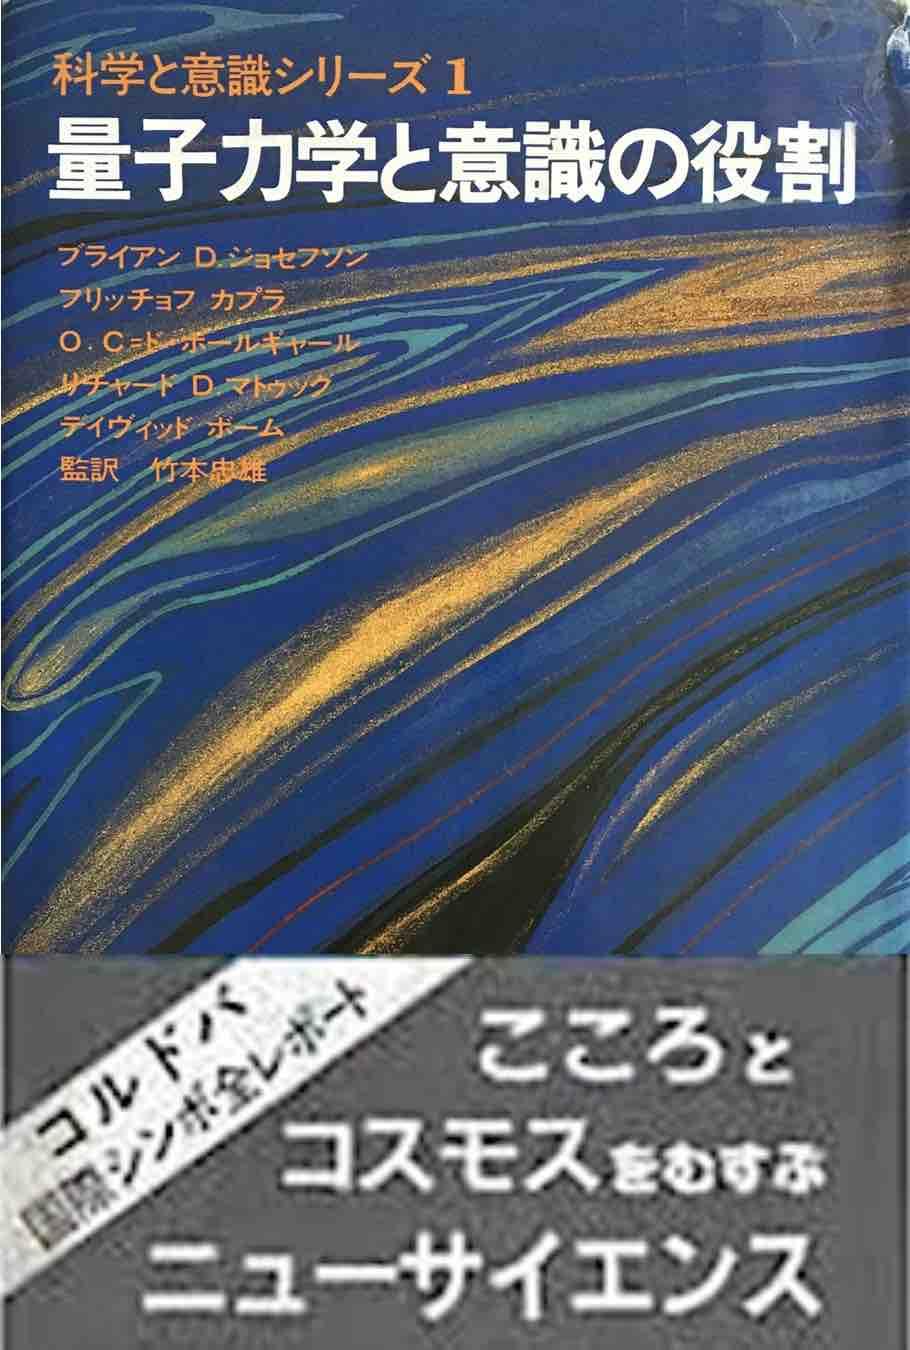 書籍『量子力学と意識の役割』を図書館情報サイト「カーリル」で検索します